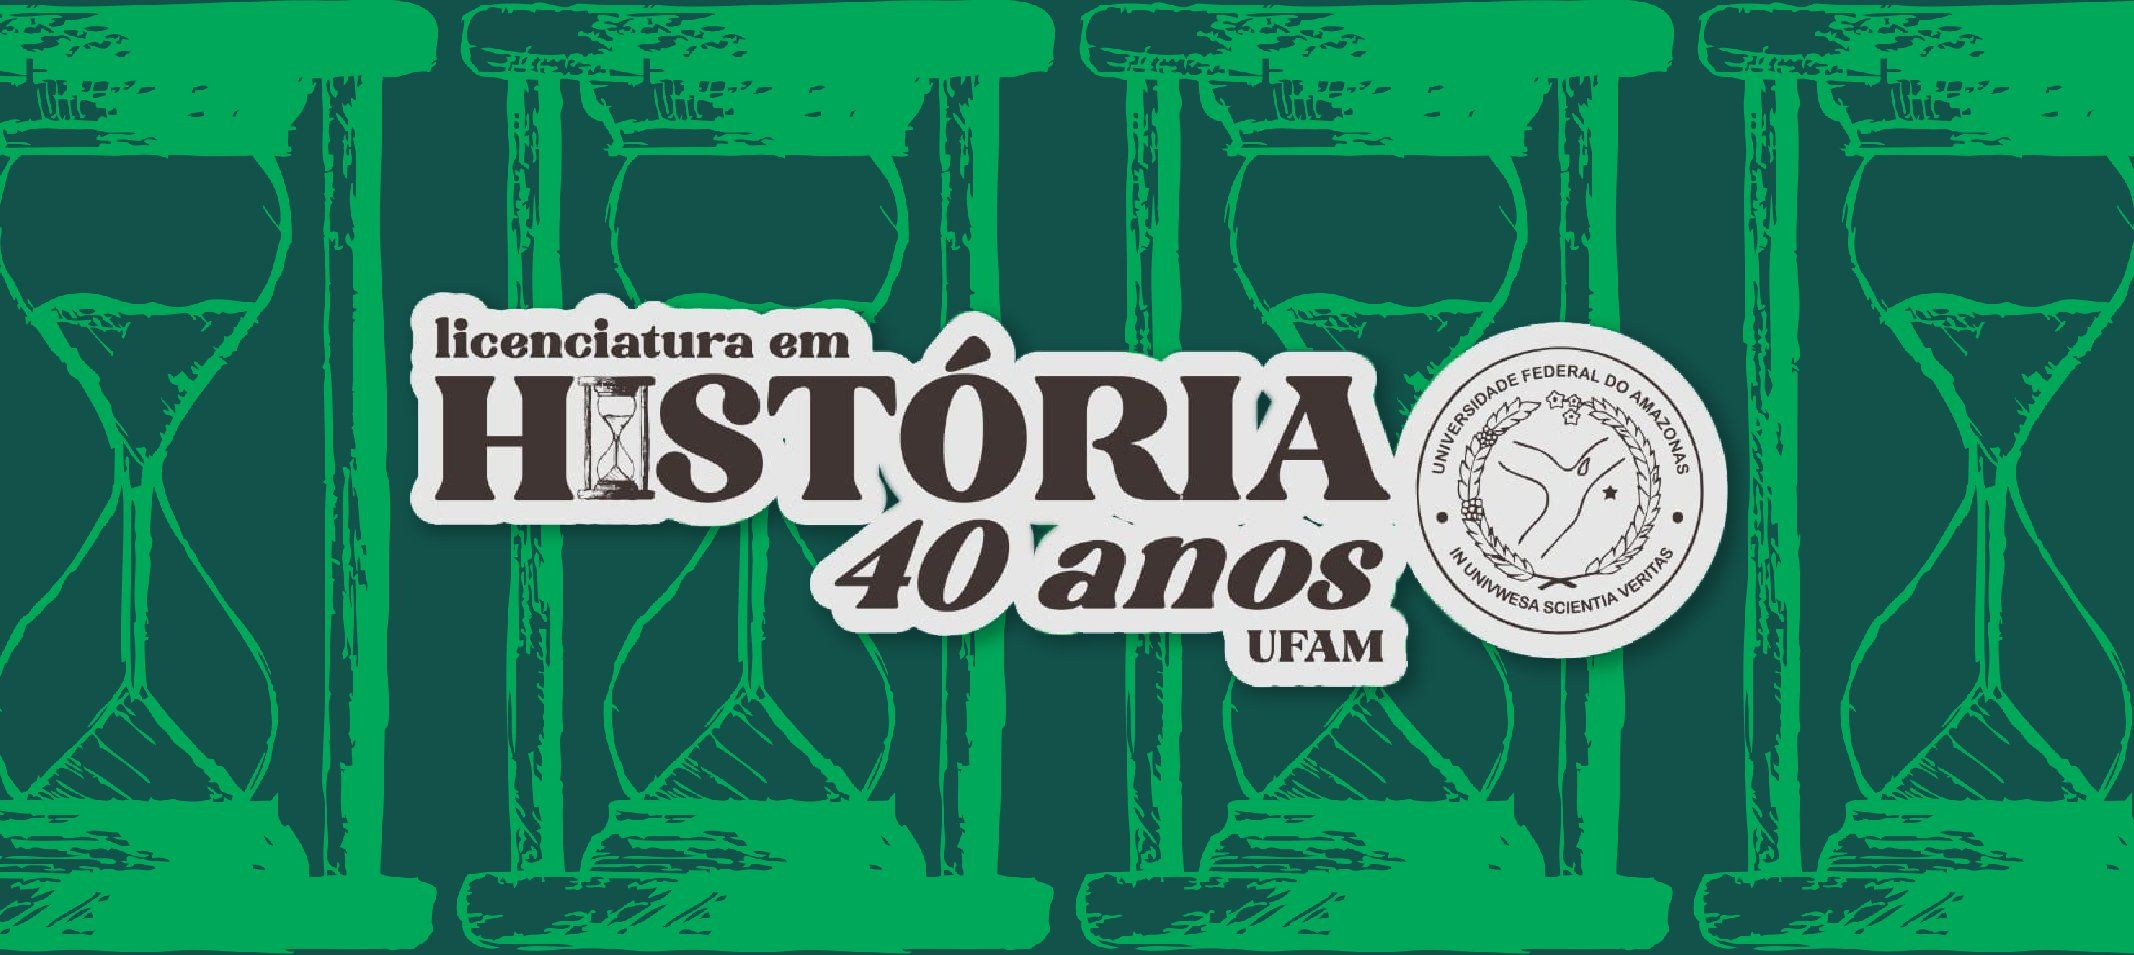 Departamento de História promove, de 11 a 14 de maio, Simpósio alusivo aos 40 anos de funcionamento da Licenciatura em História